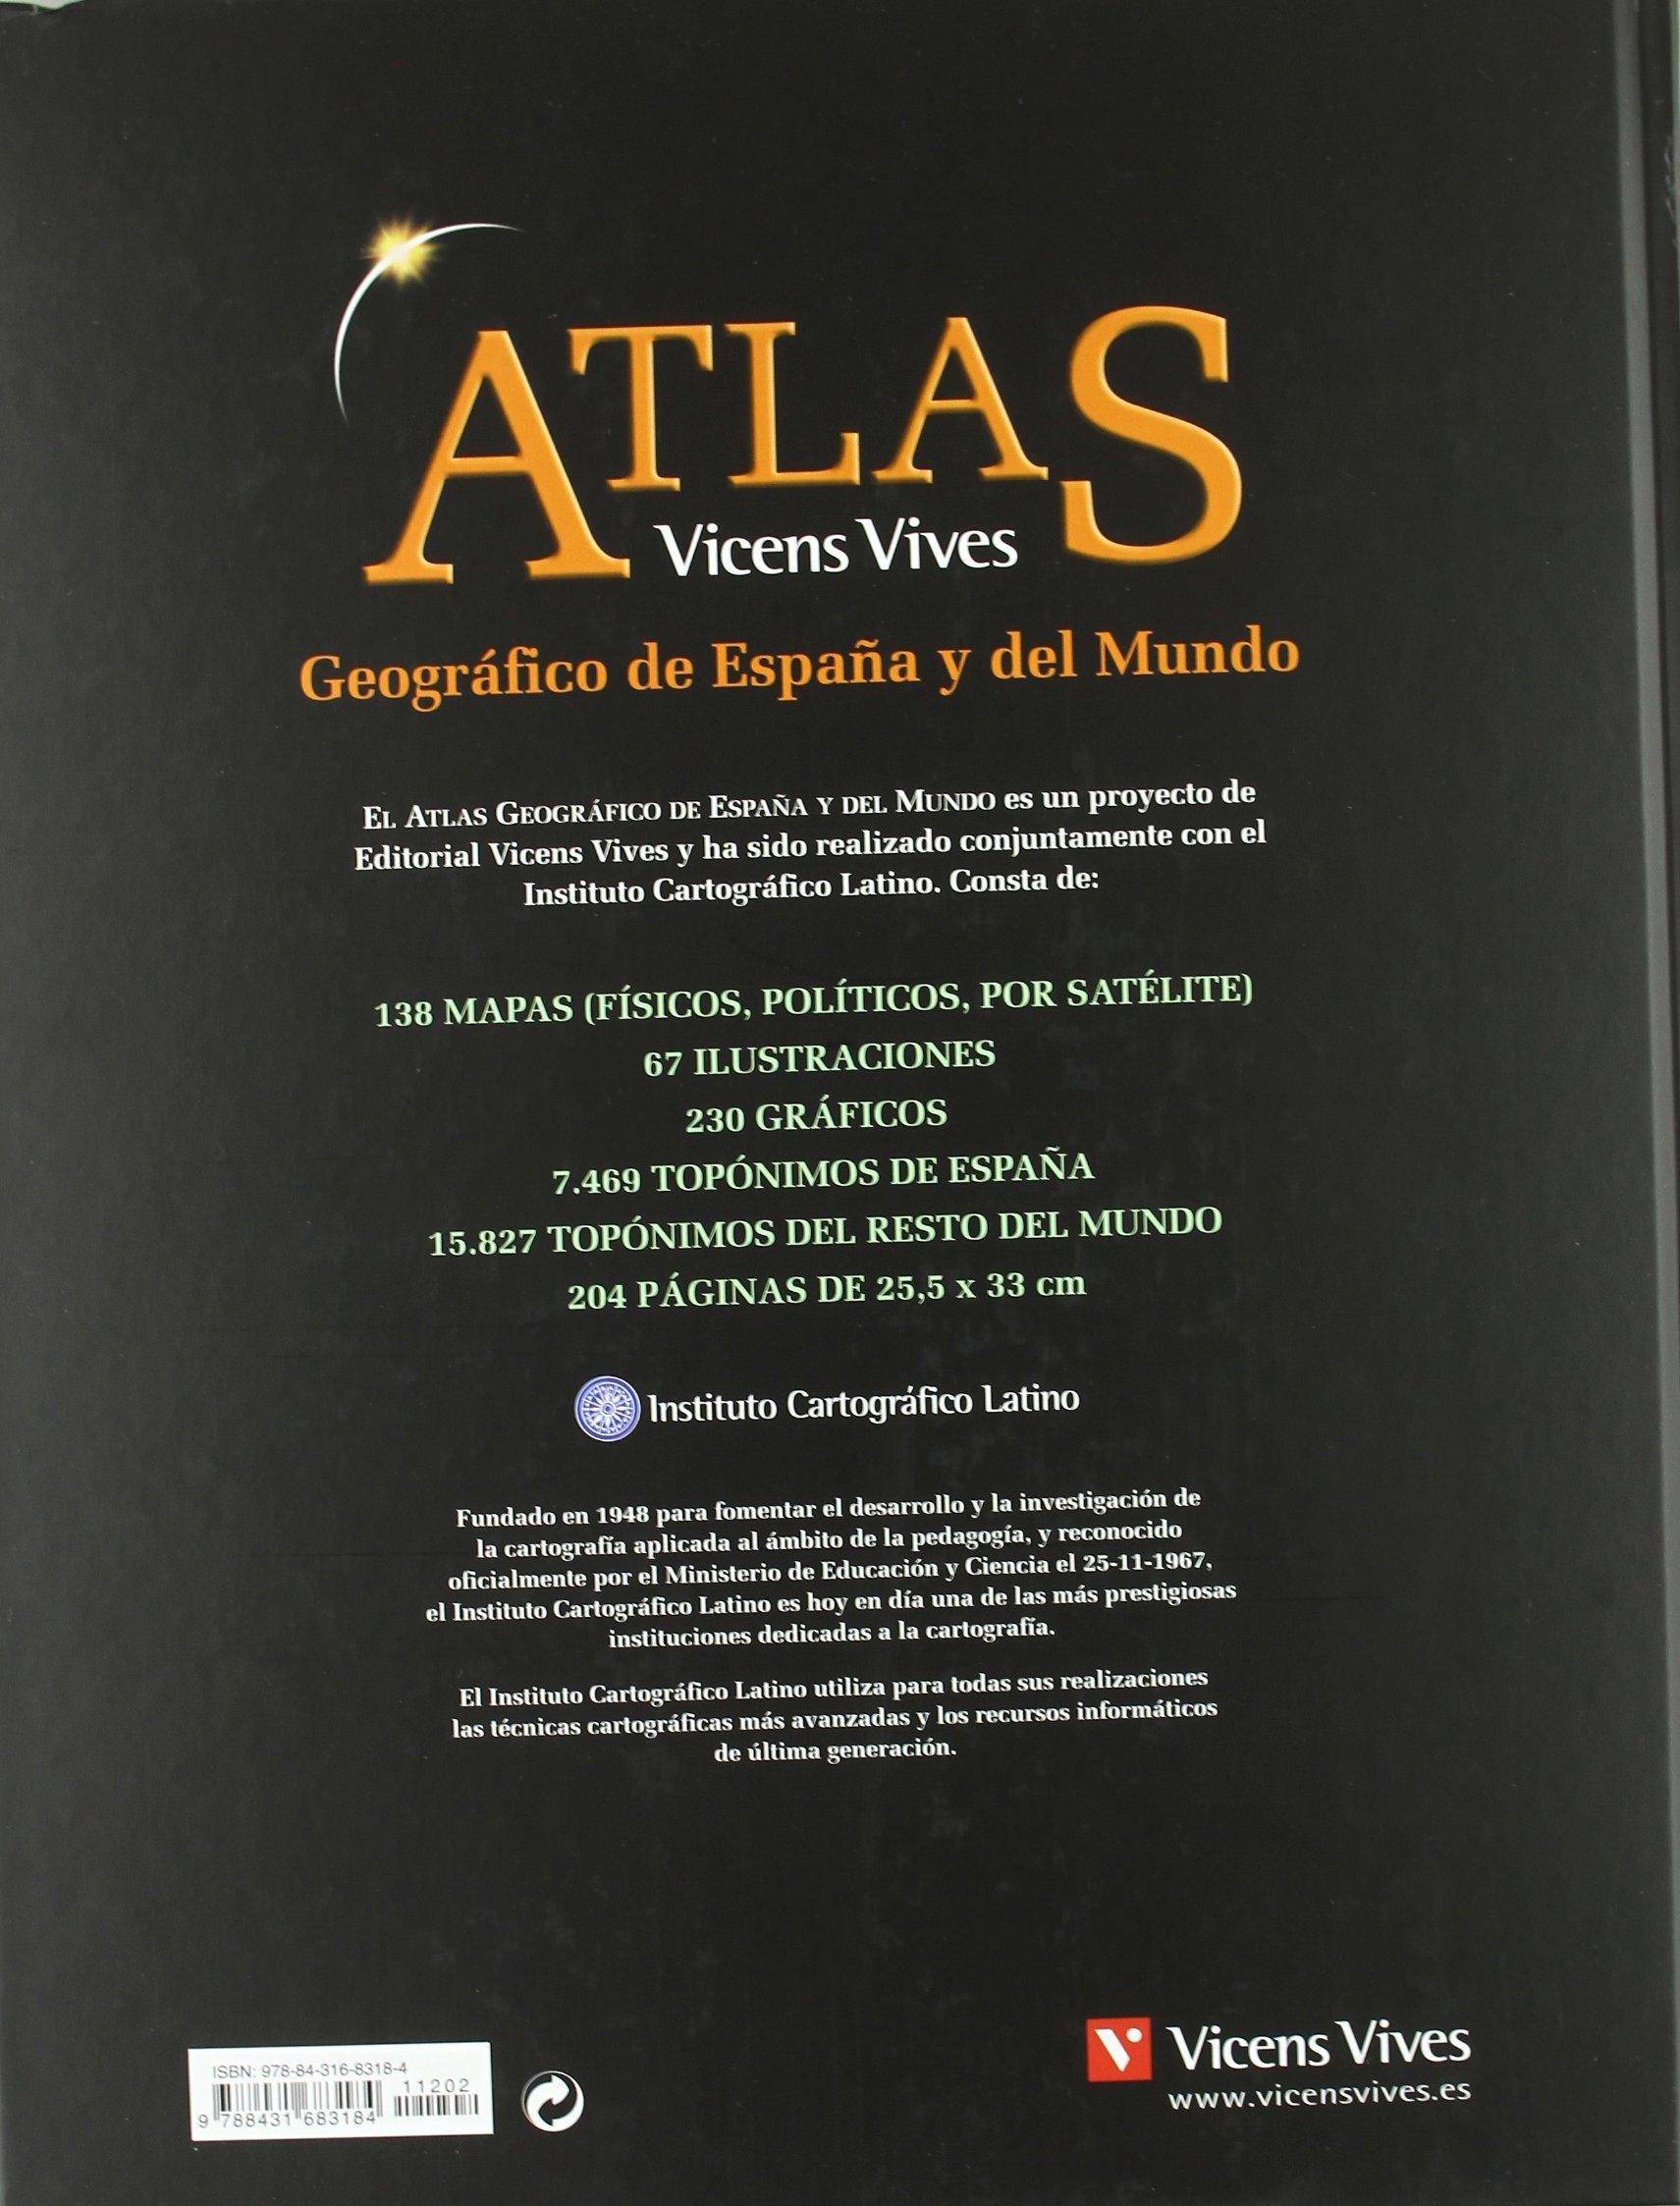 ATLAS GEOGRAFICO ESPAÑA Y MUNDO N/C: Atlas Geográfico De España Y Del Mundo: 000001 - 9788431683184: Amazon.es: Instituto Cartográfico Latino, Instituto Cartográfico Latino: Libros